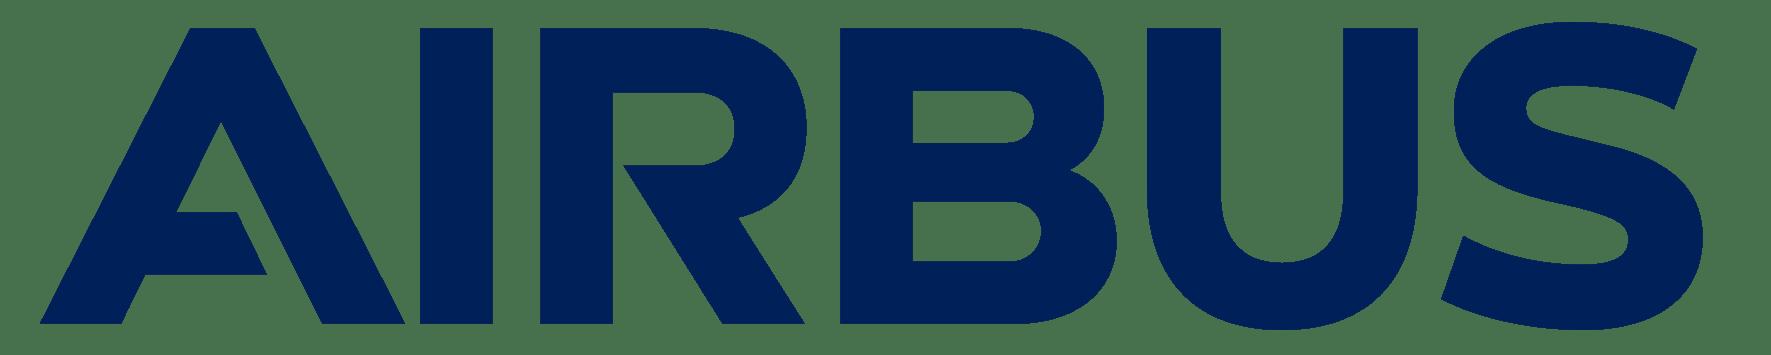 Airbus logo 2017 - Devenir partenaire